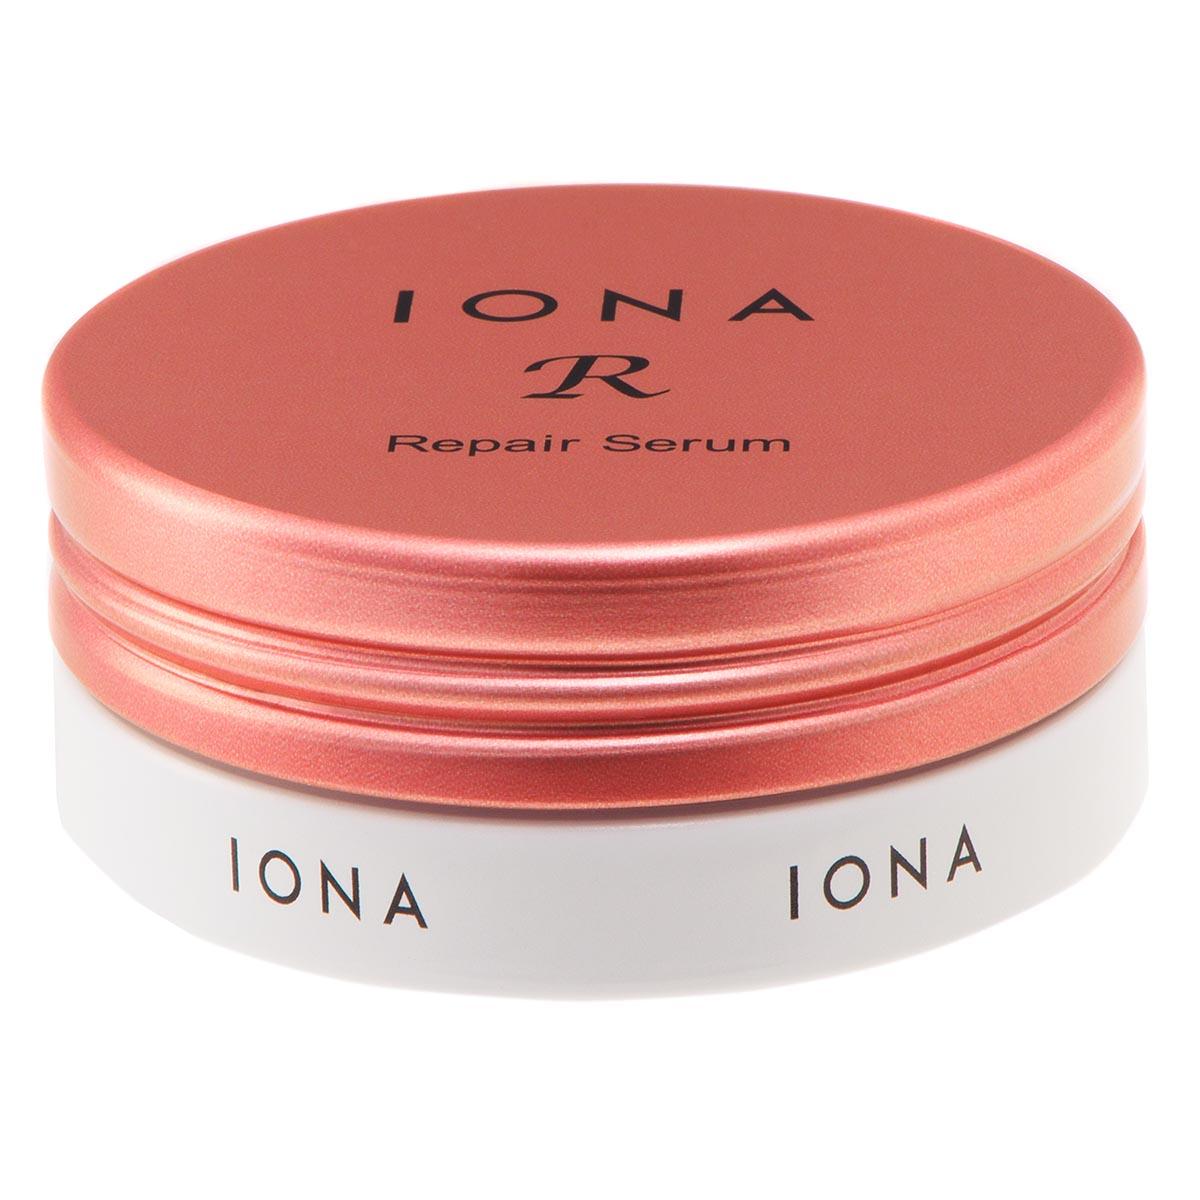 イオナR リペアセラム 集中ケア 保湿クリーム 保湿 バームクリーム ほうれい線 IONA R【メール便配送不可商品】